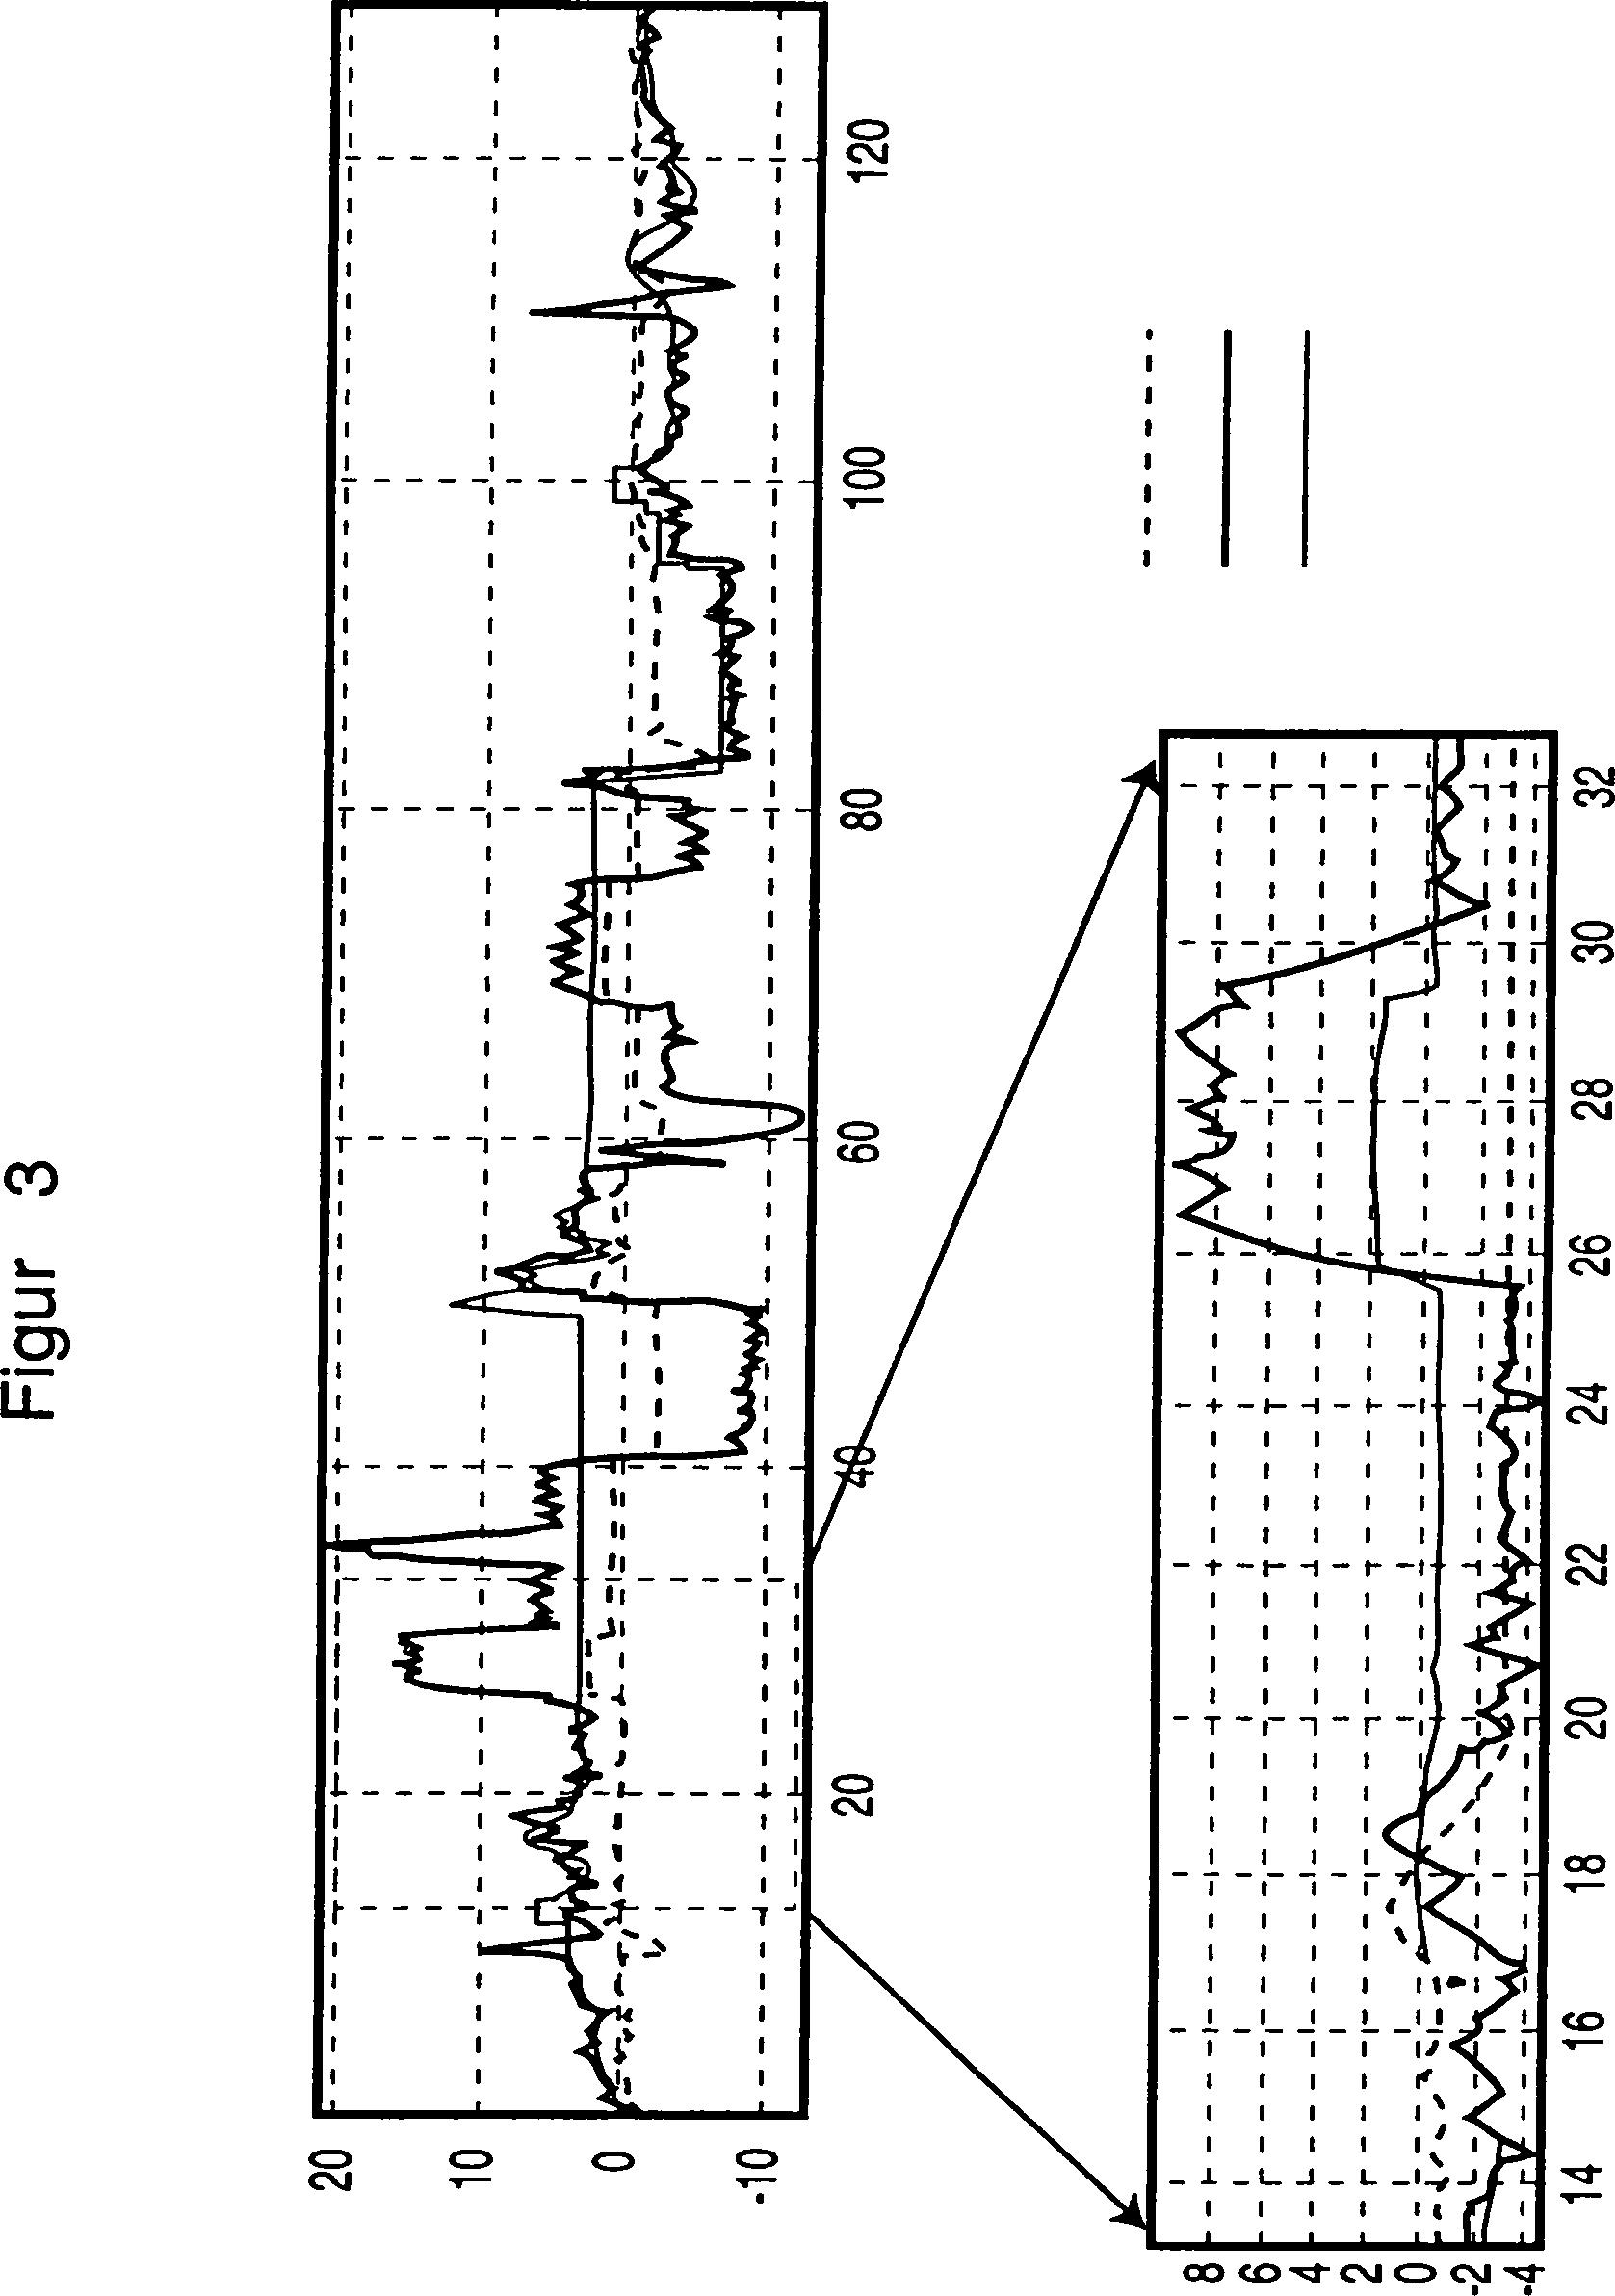 patent de10212909b4 verfahren und ger t zum bewerten eines prozesses und verfahren und ger t. Black Bedroom Furniture Sets. Home Design Ideas